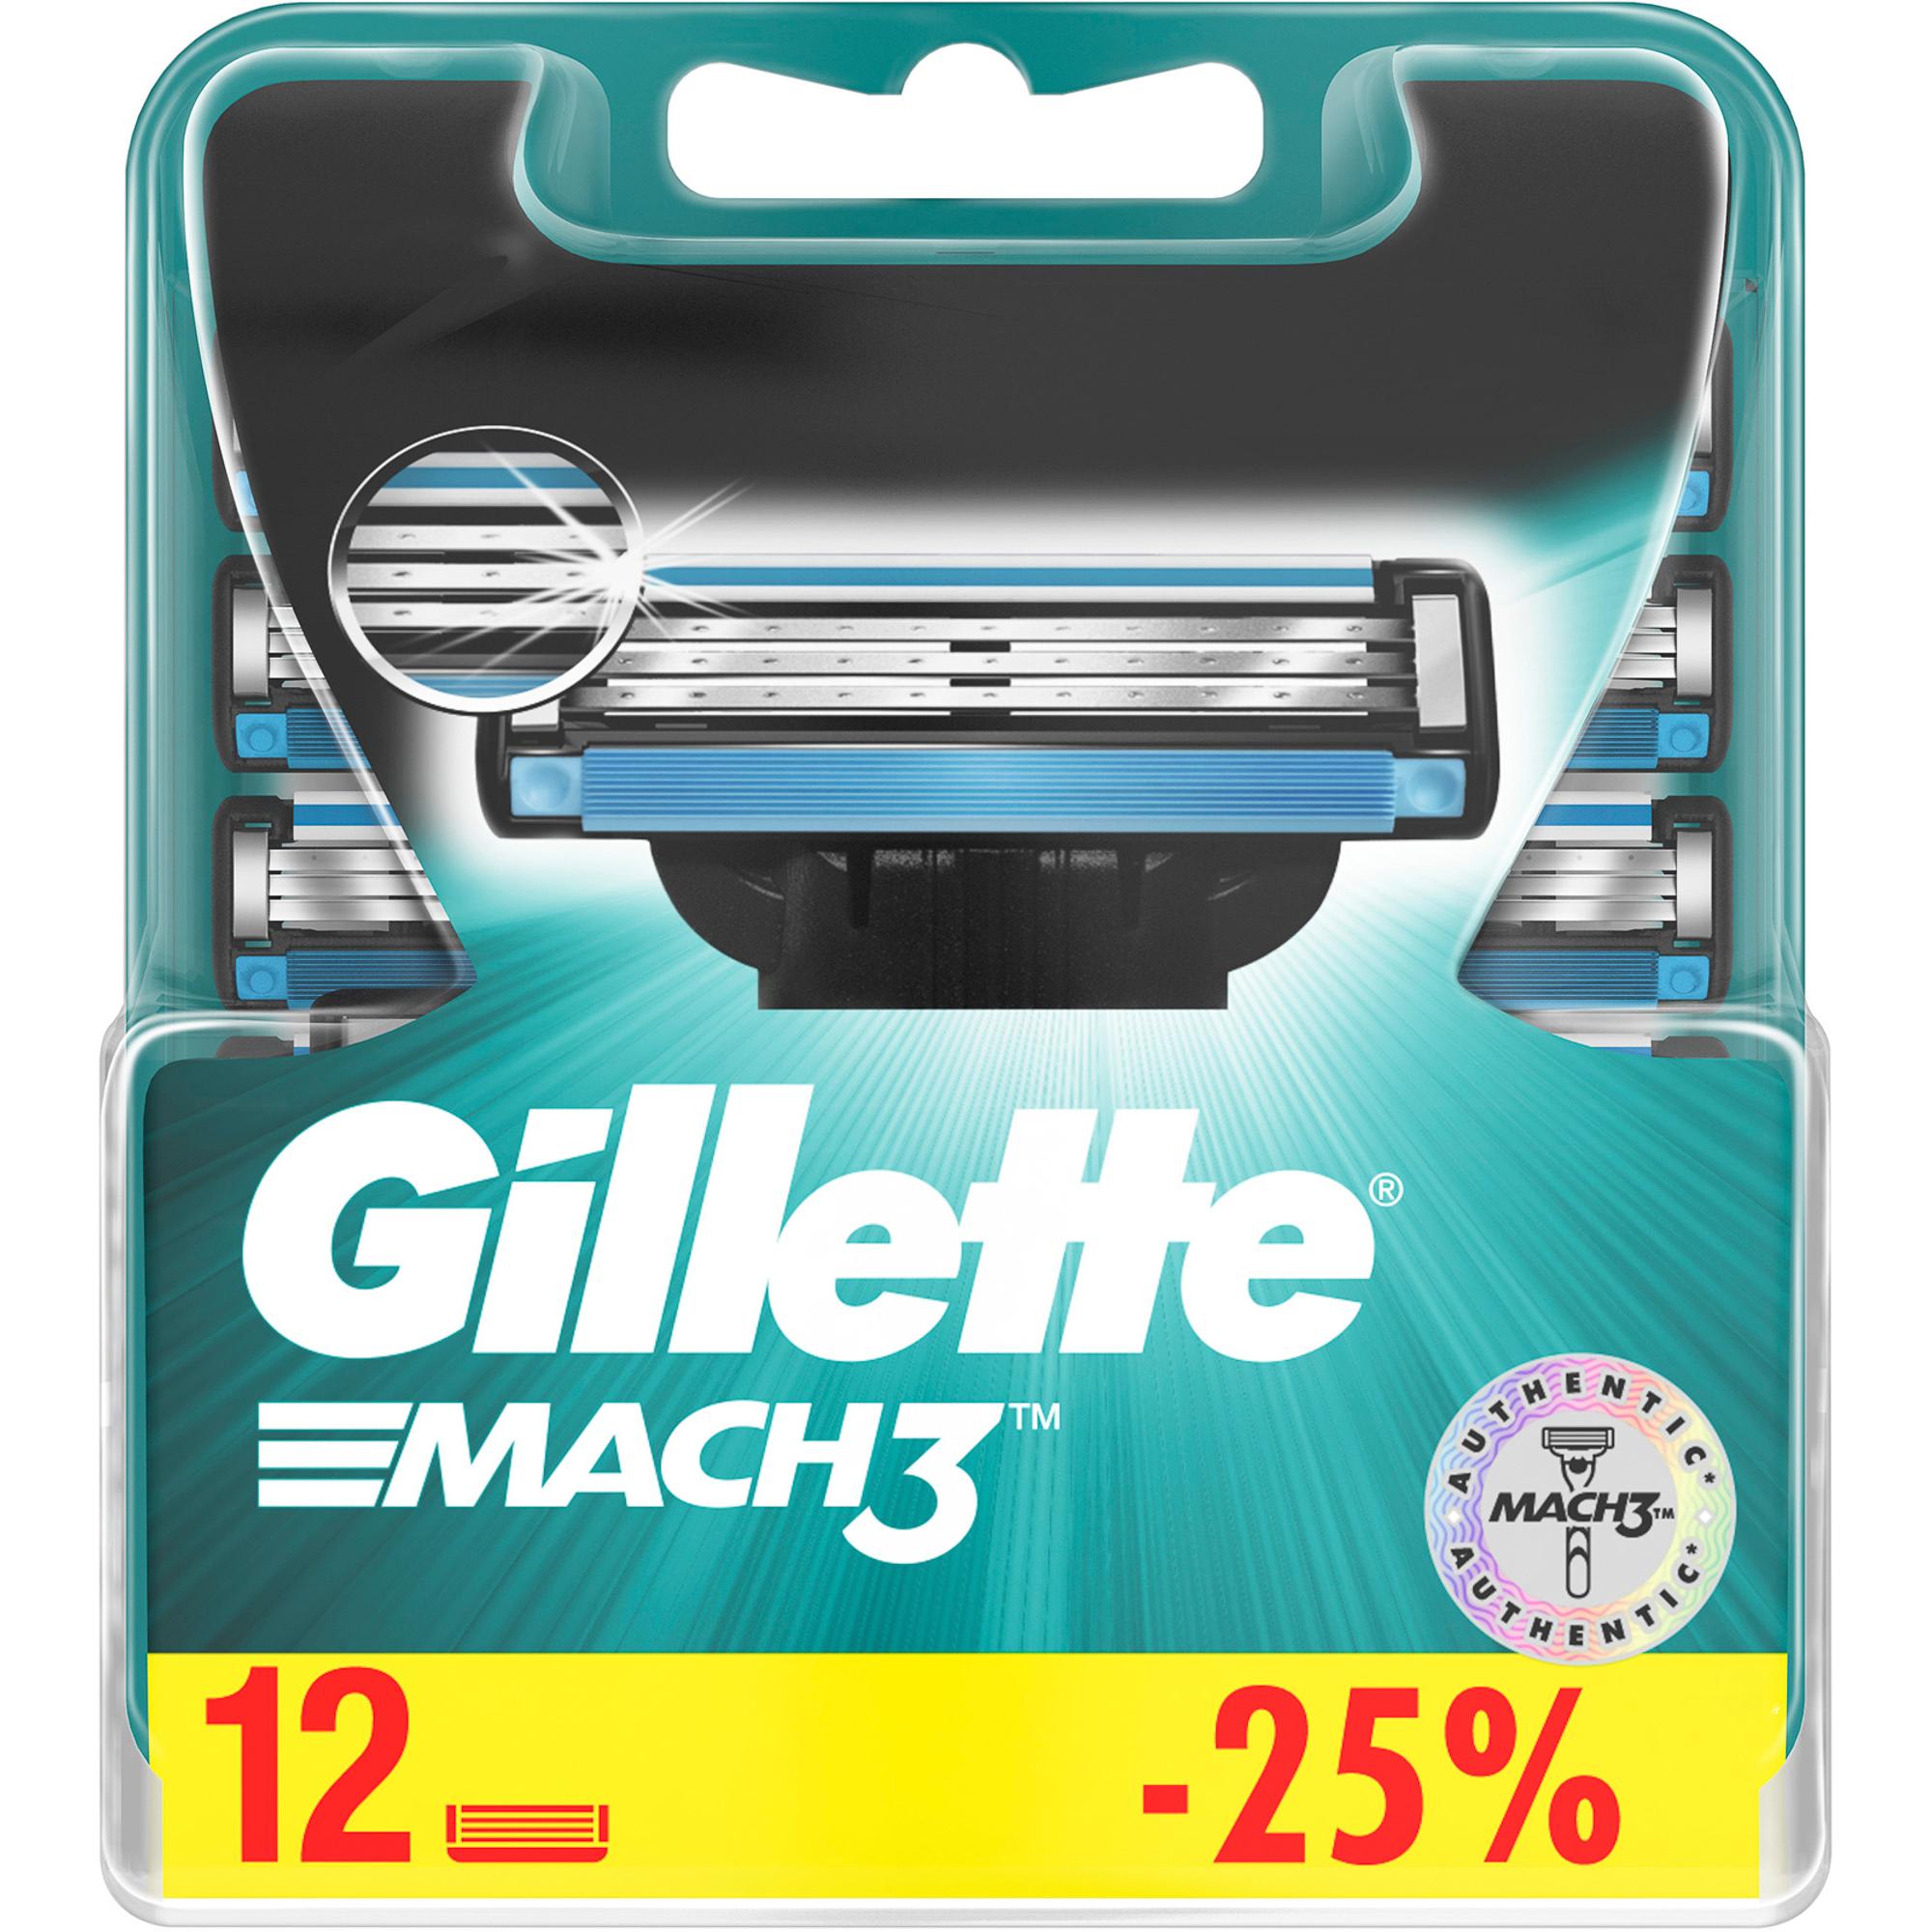 Фото - Сменные кассеты для бритья Gillette Mach3 12 шт gillette mach 3 turbo сменные кассеты для бритья n4 1 шт gillette бритвы и лезвия